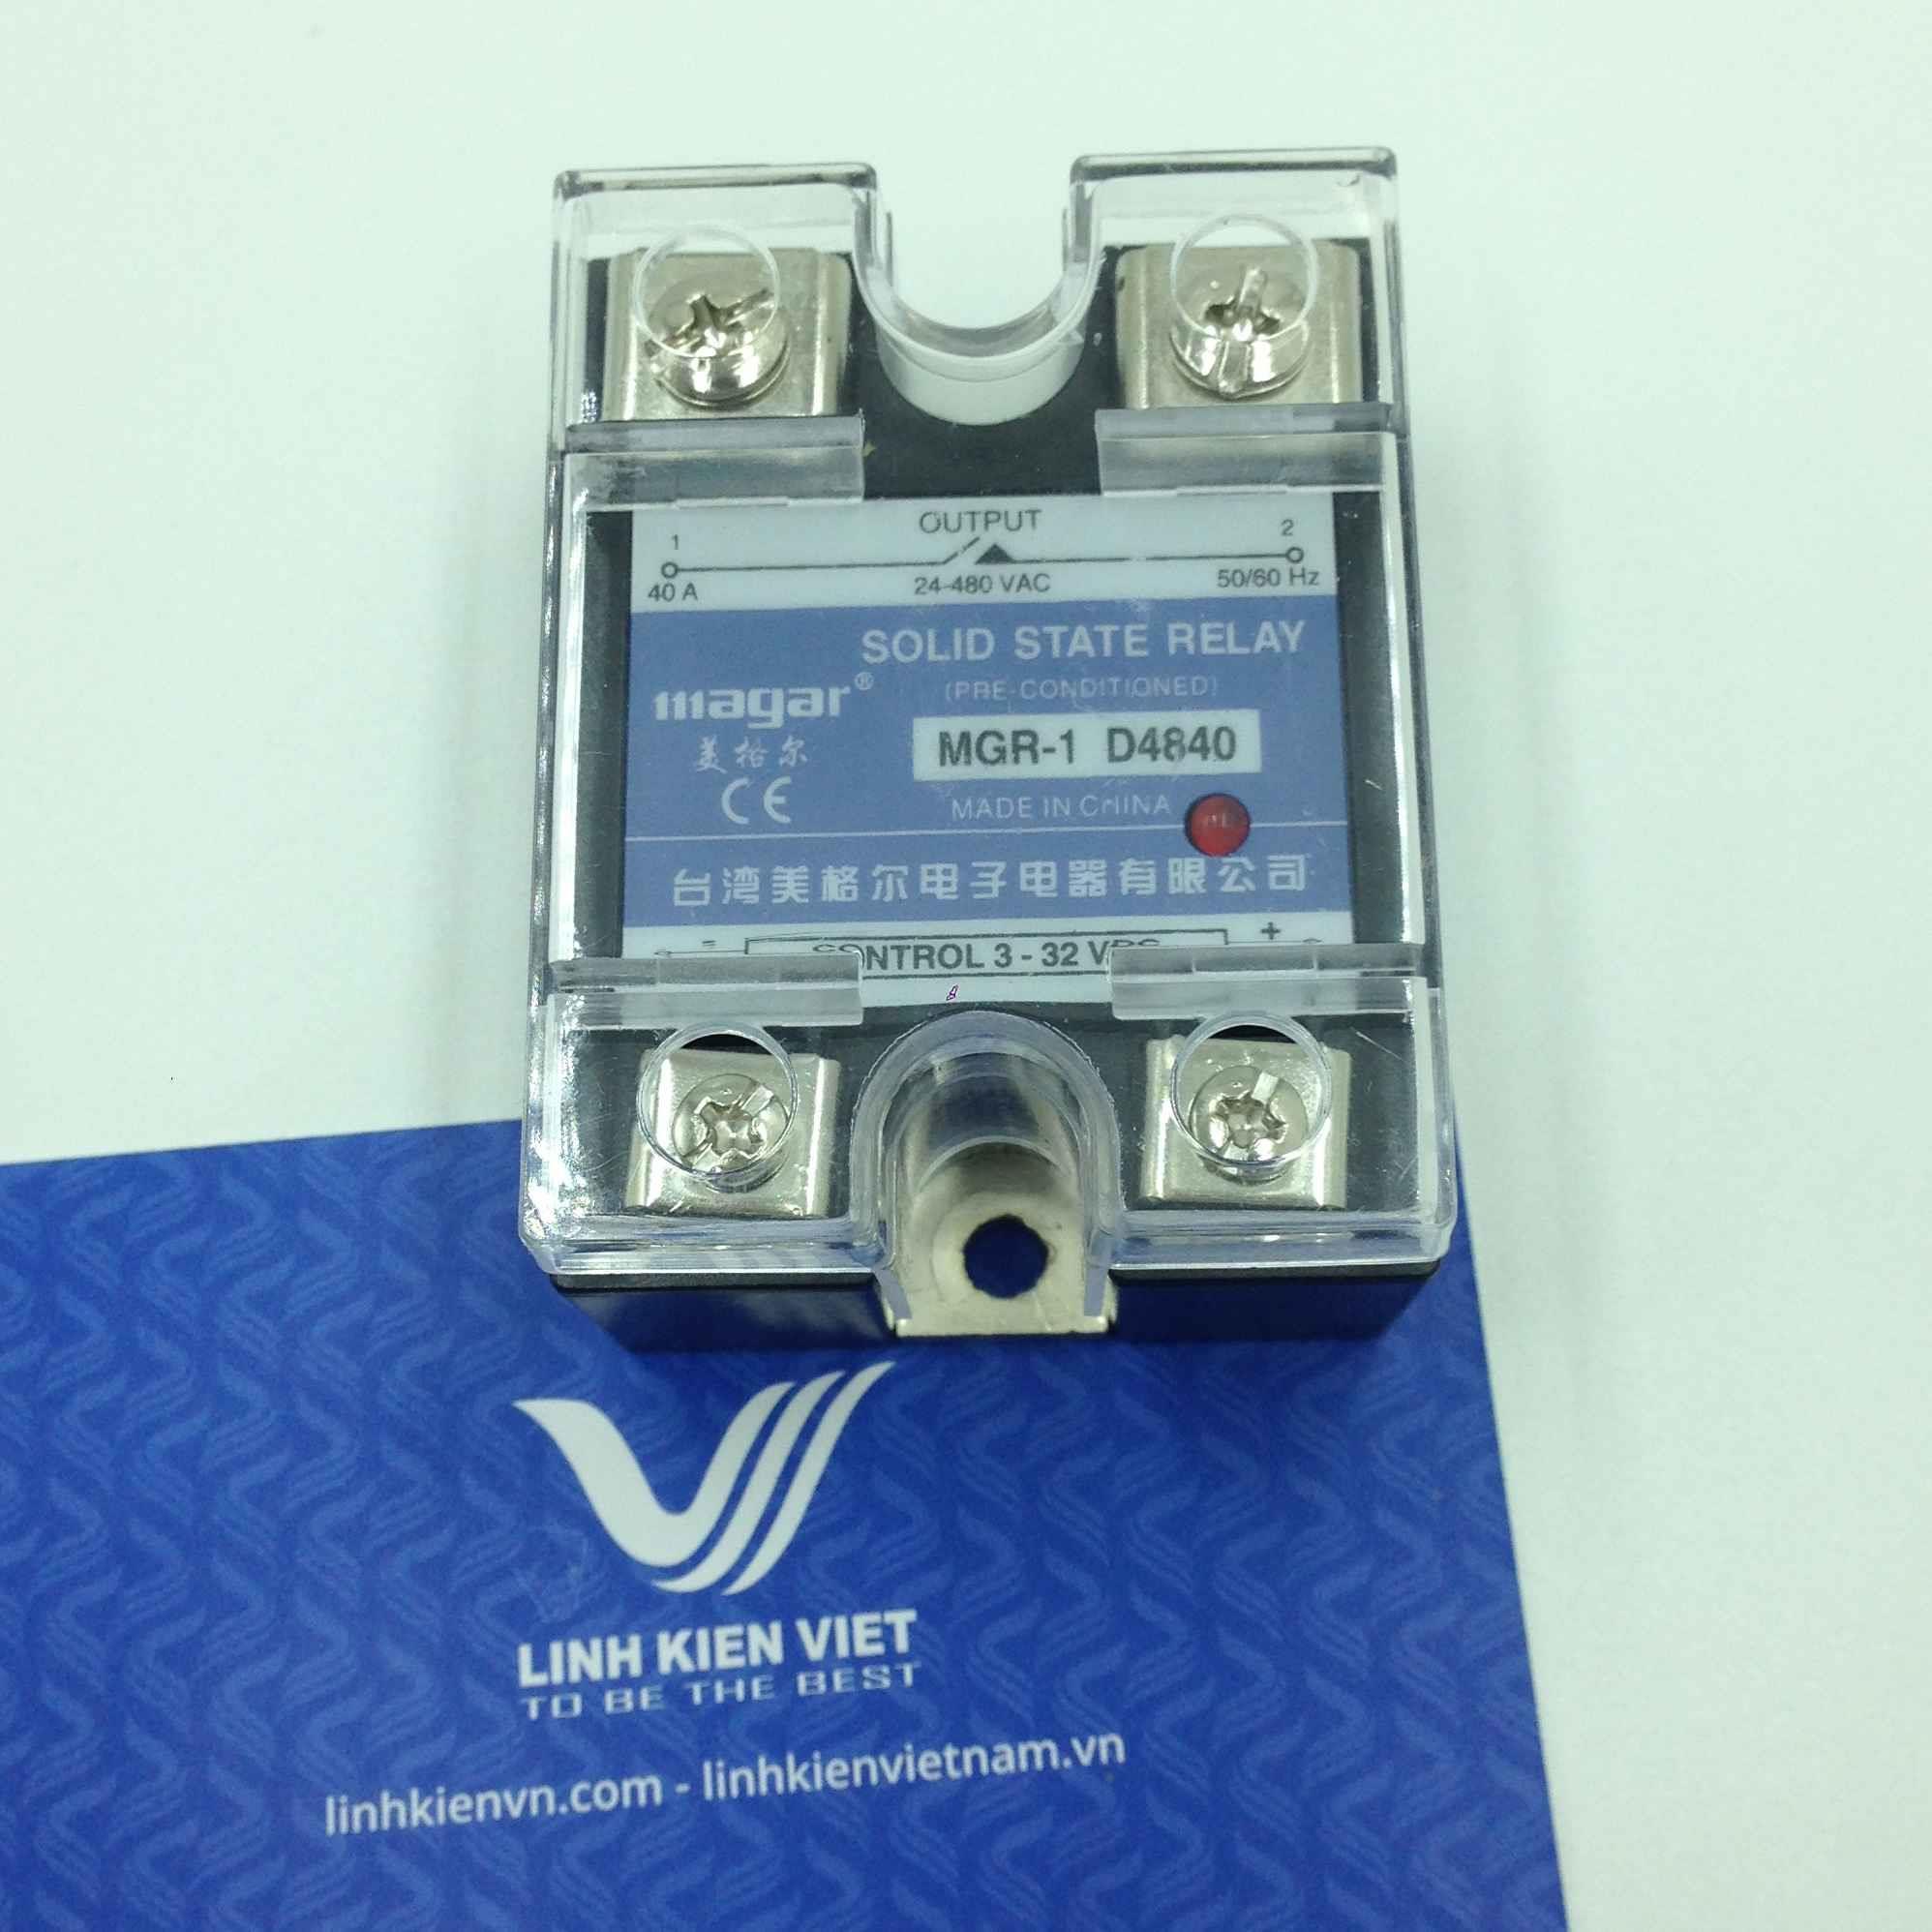 Relay bán dẫn SSR 40A Input 3 - 32VDC 480V MGR-1 D4840 - i3h11 - (KB4H3)